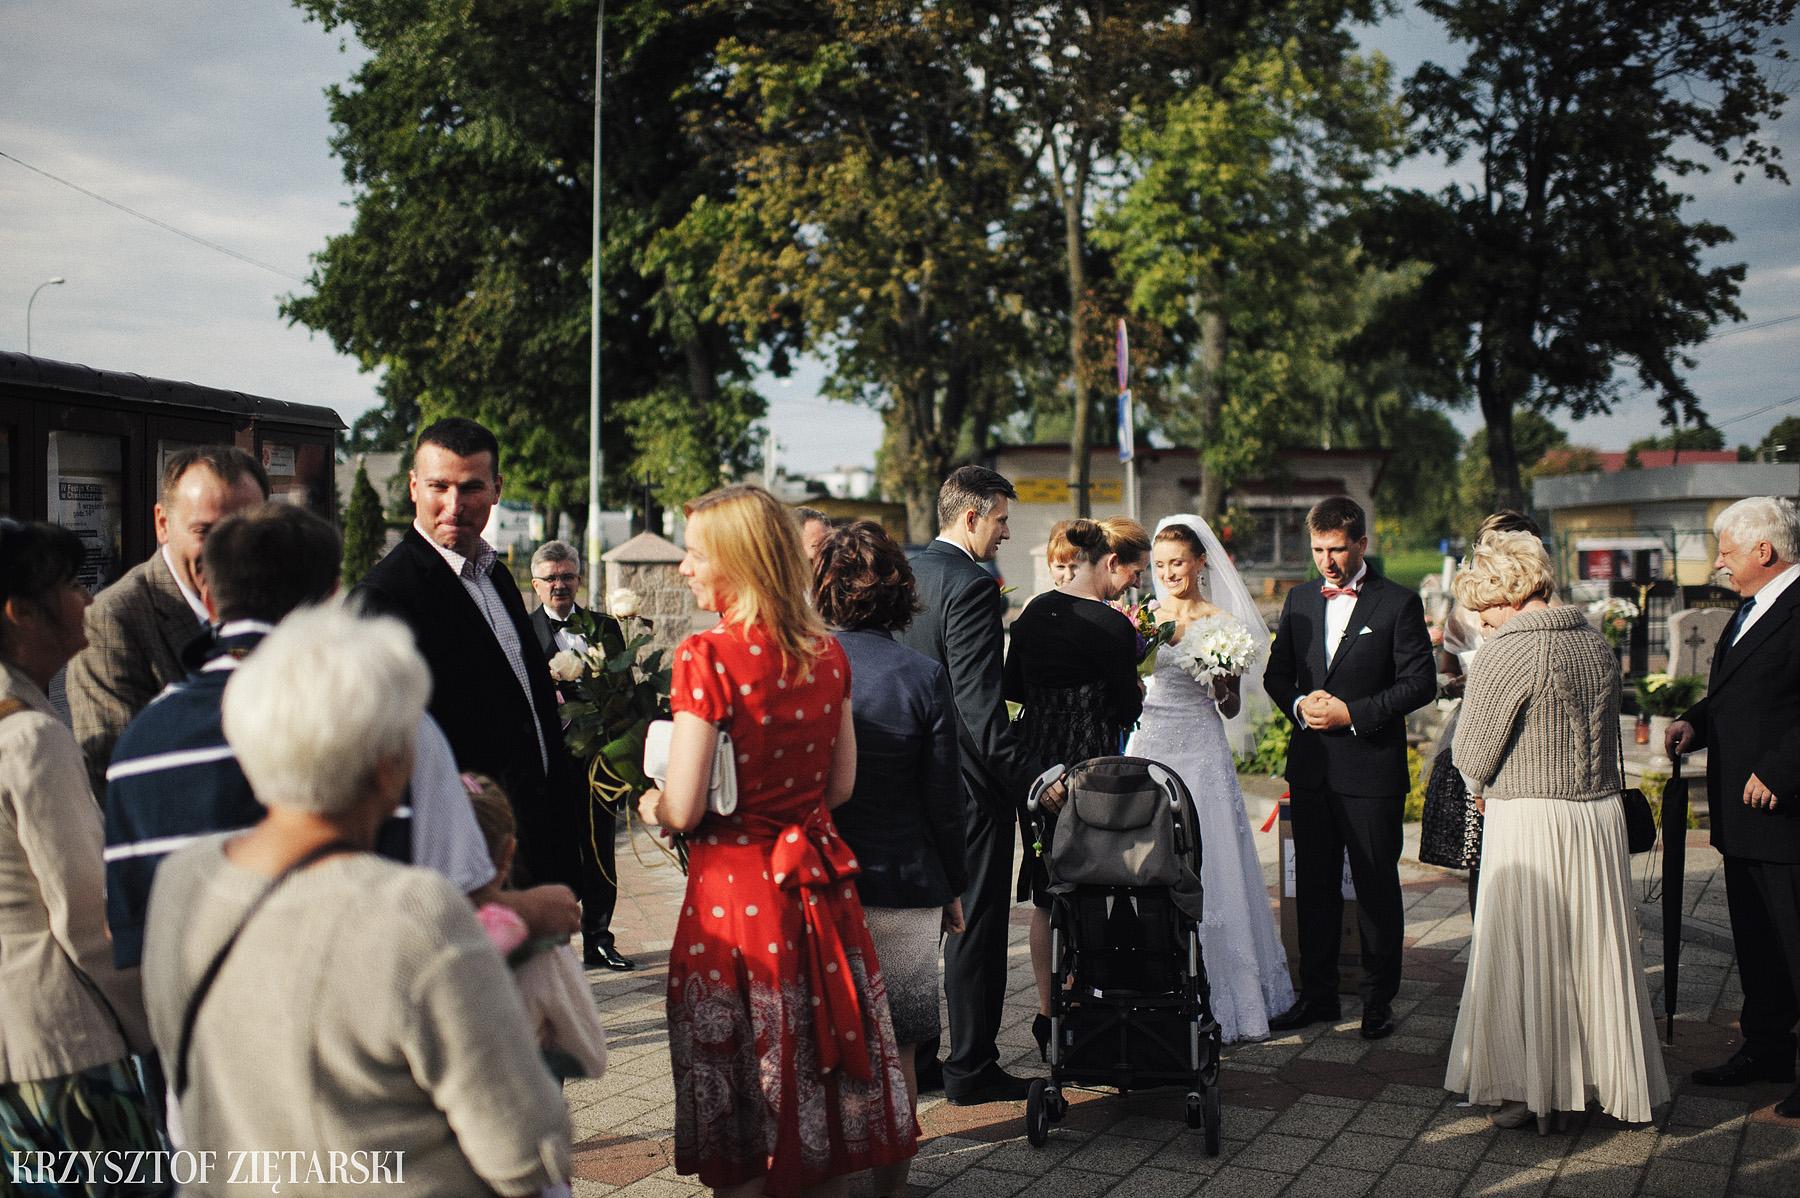 Karolina i Jacek - Fotografia ślubna Gdańsk, Chwaszczyno, Gościniec dla Przyjaciół Wyczechowo Hilary - 16.